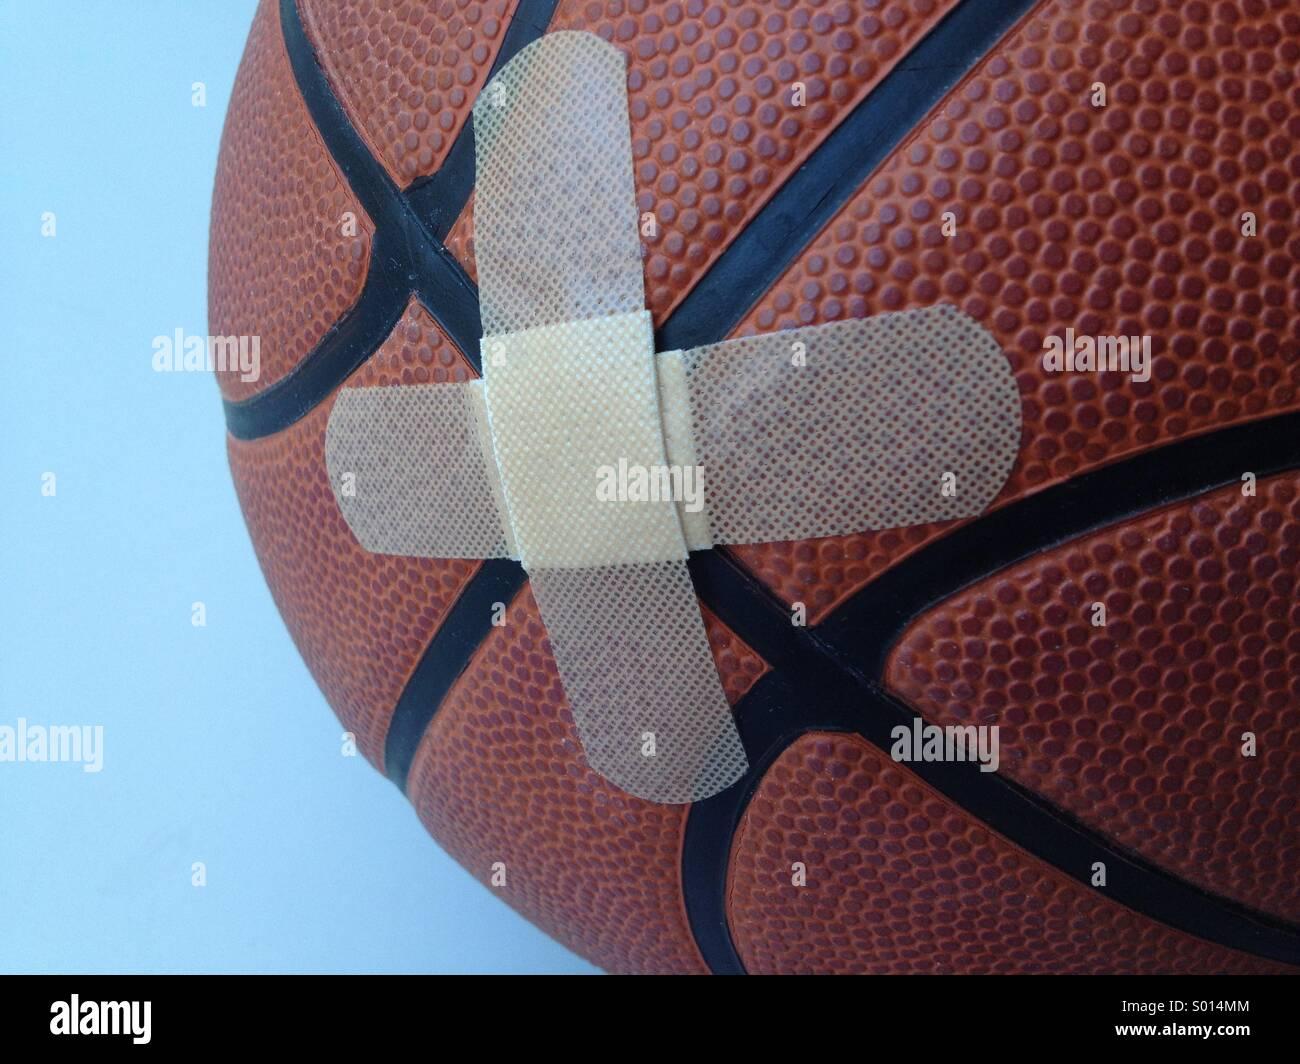 Solución temporal: Dos vendas atravesadas sobre baloncesto Imagen De Stock